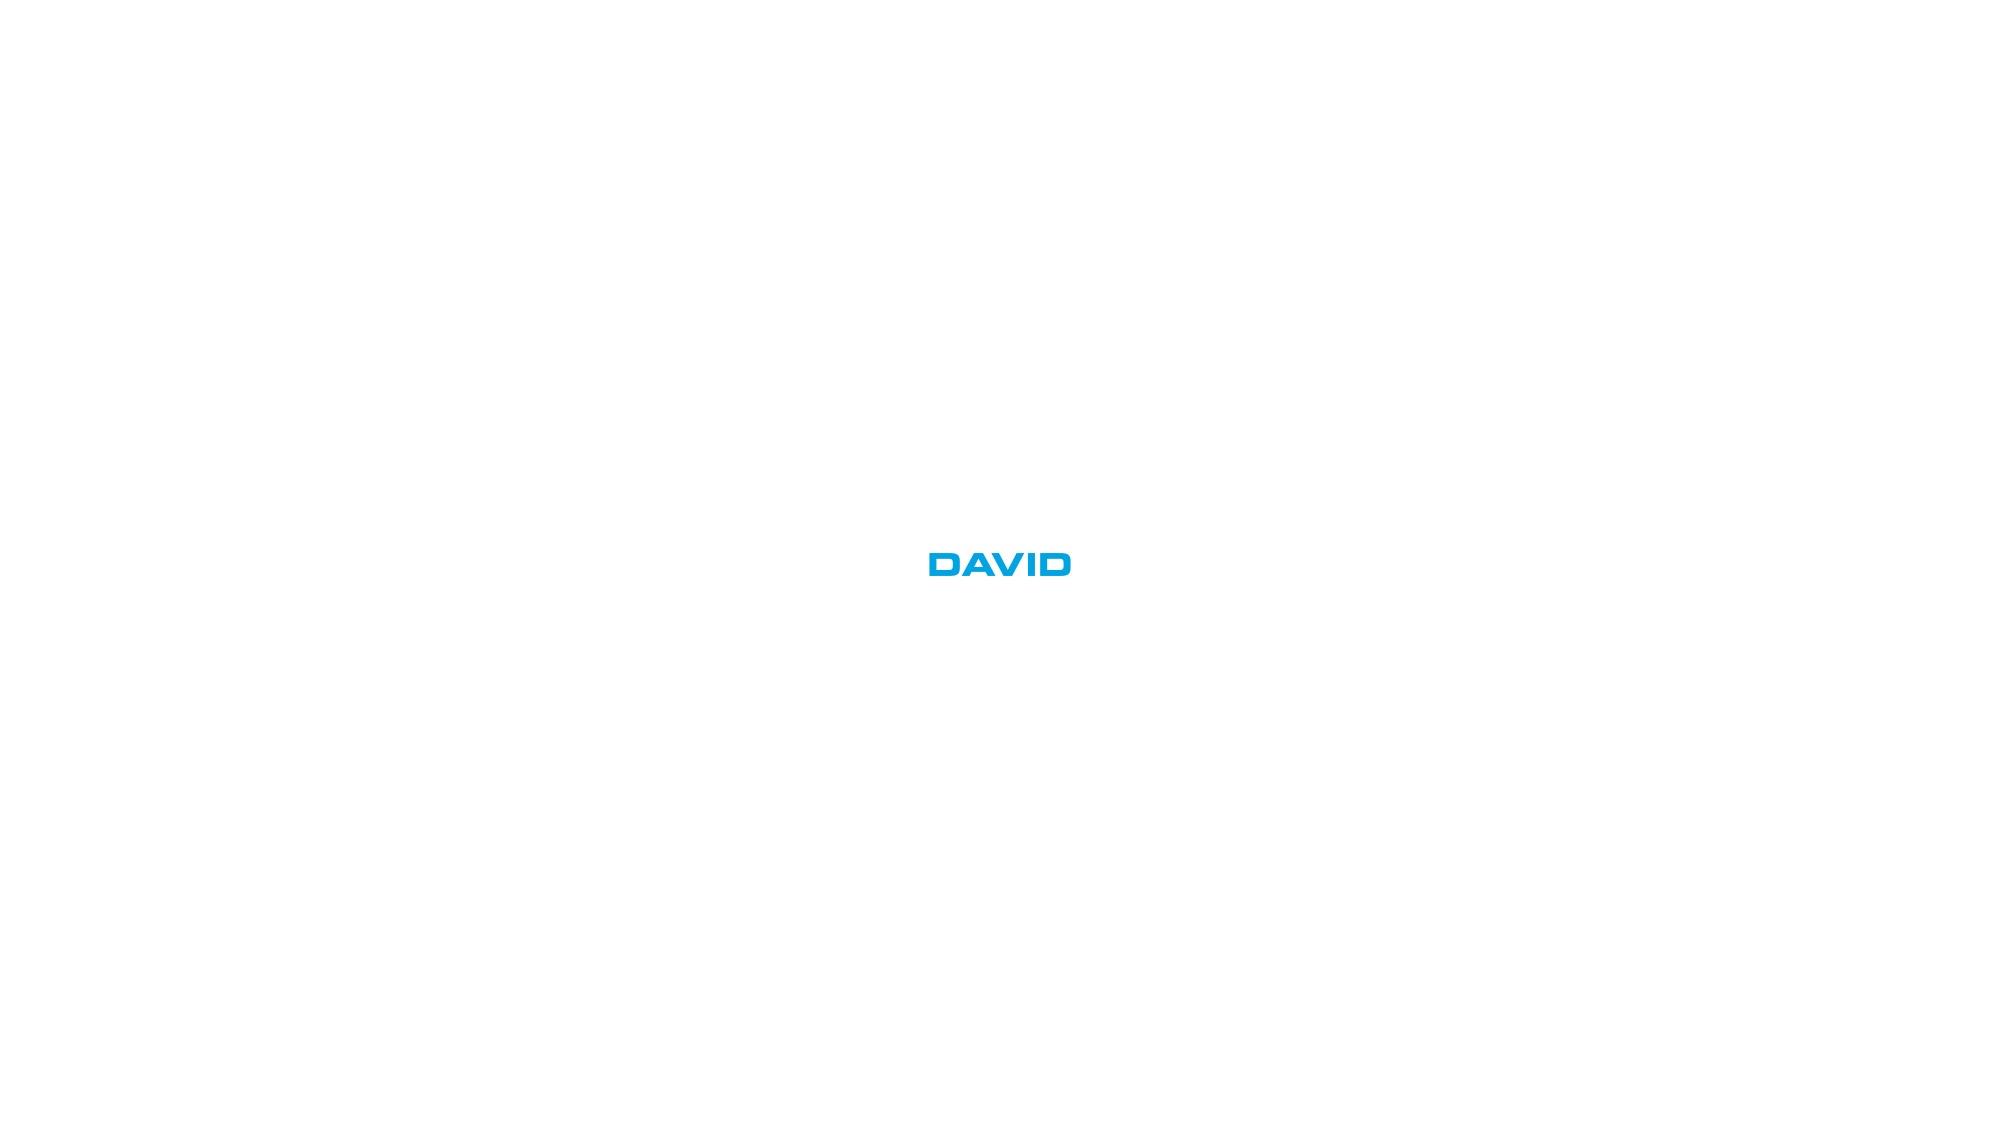 David-Backup-just in case 1